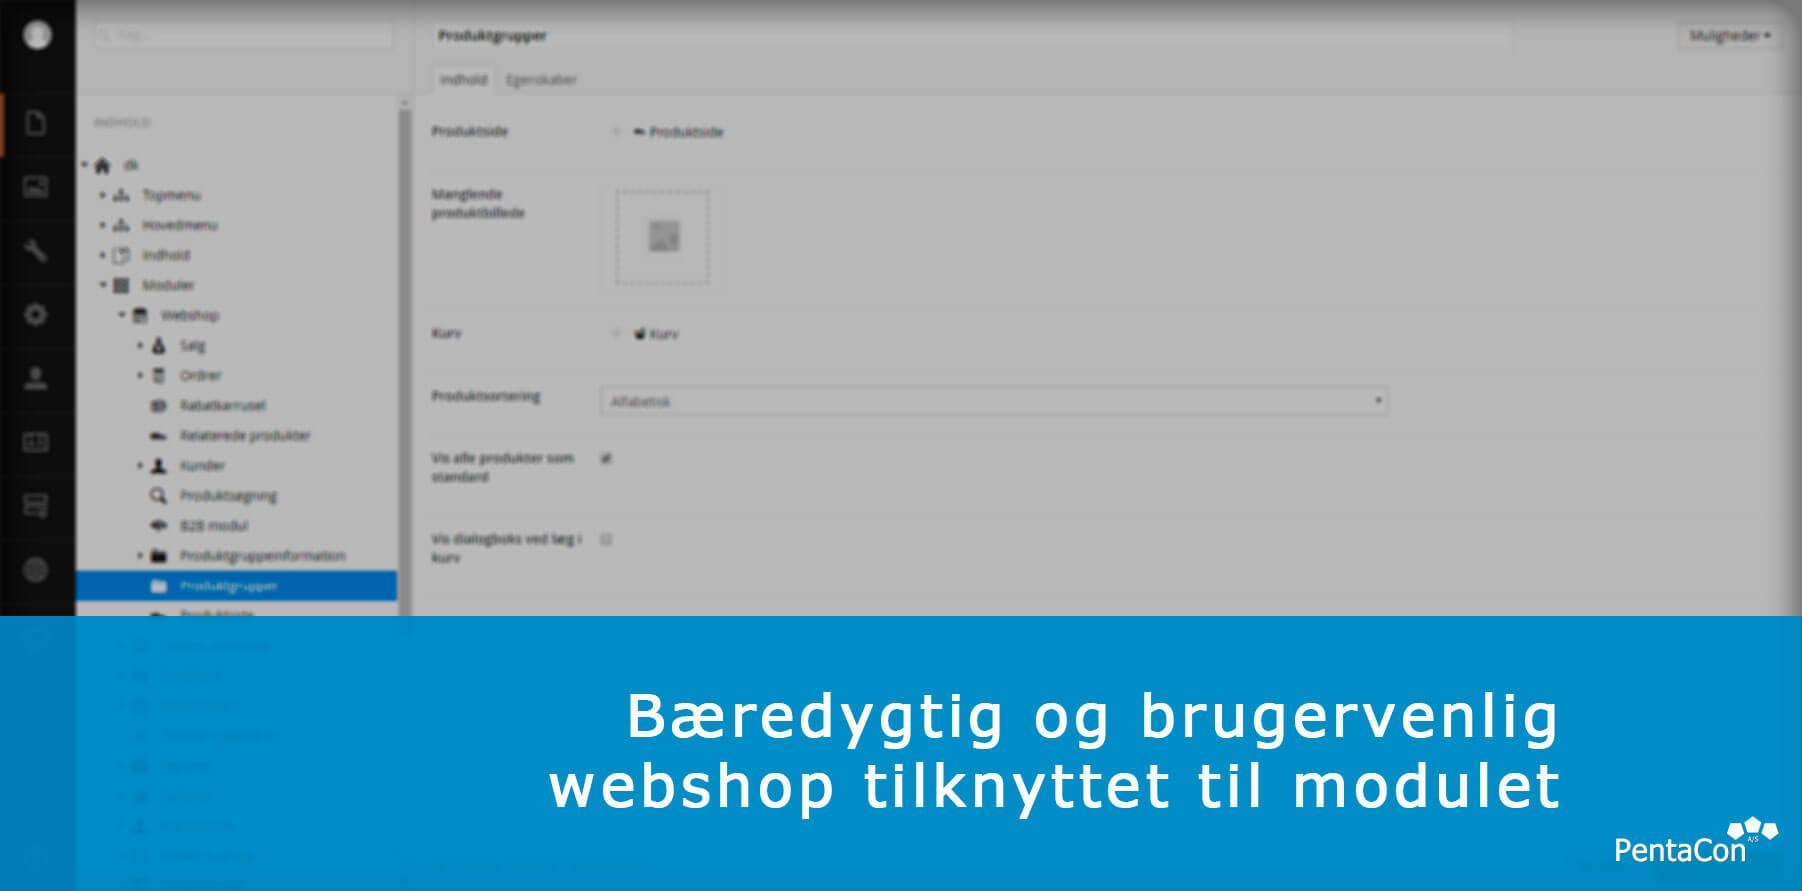 Billede af webshop produktgrupper